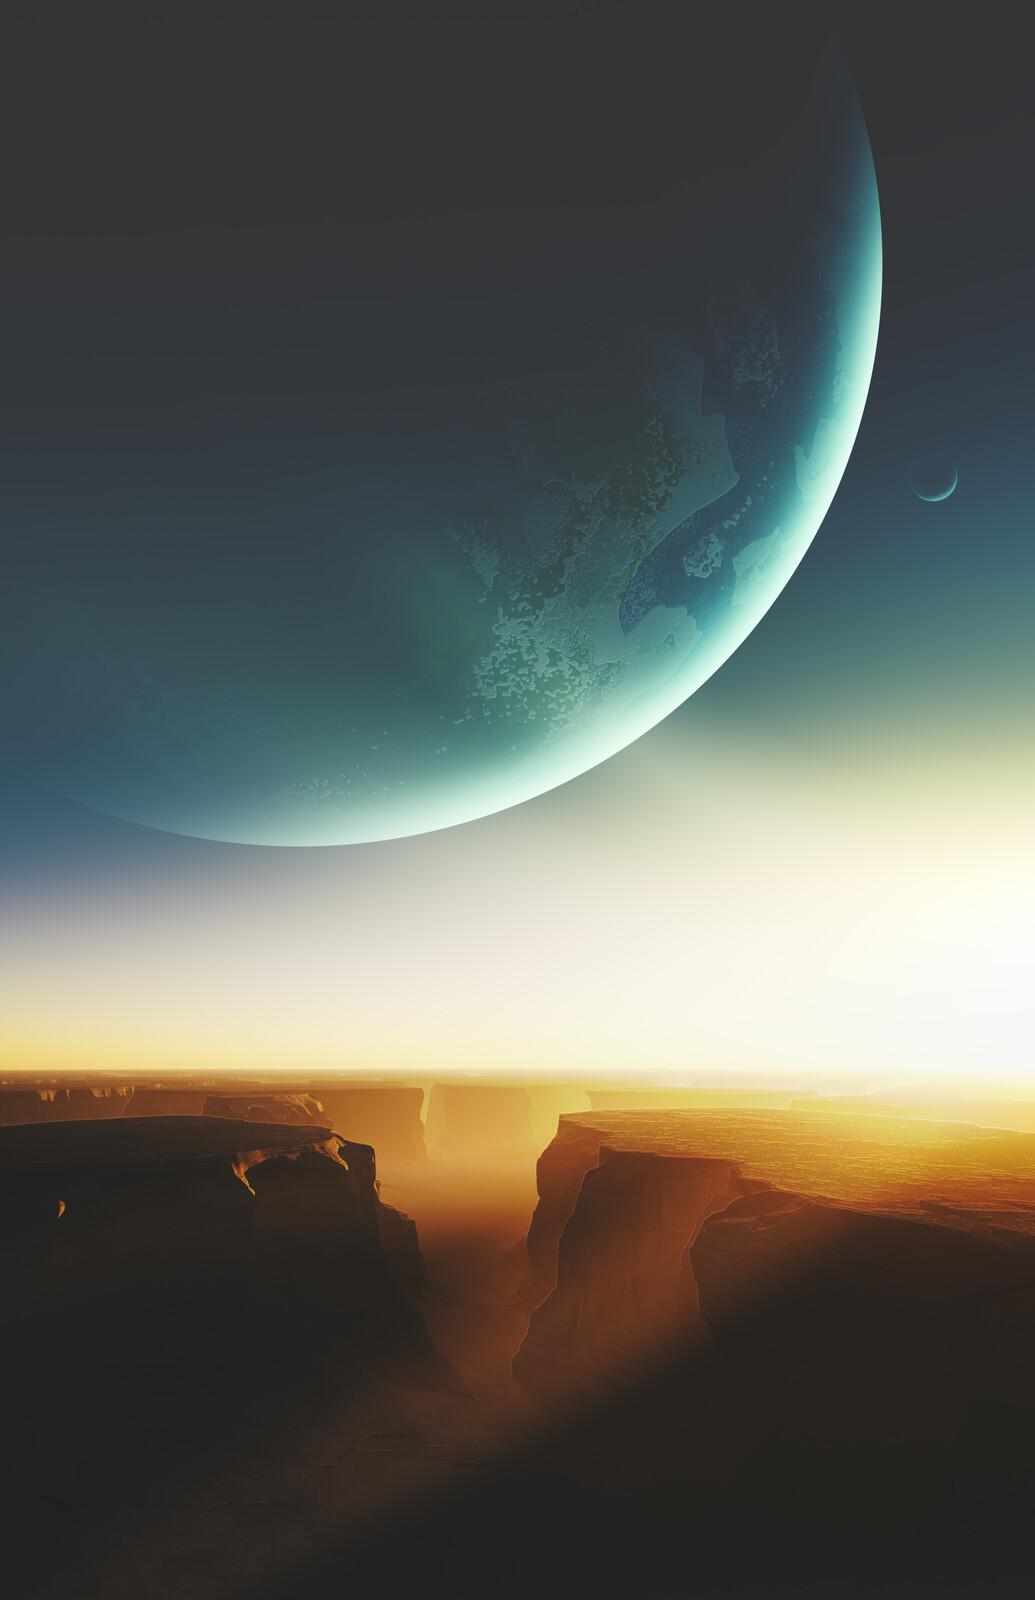 Canyon - 09172019